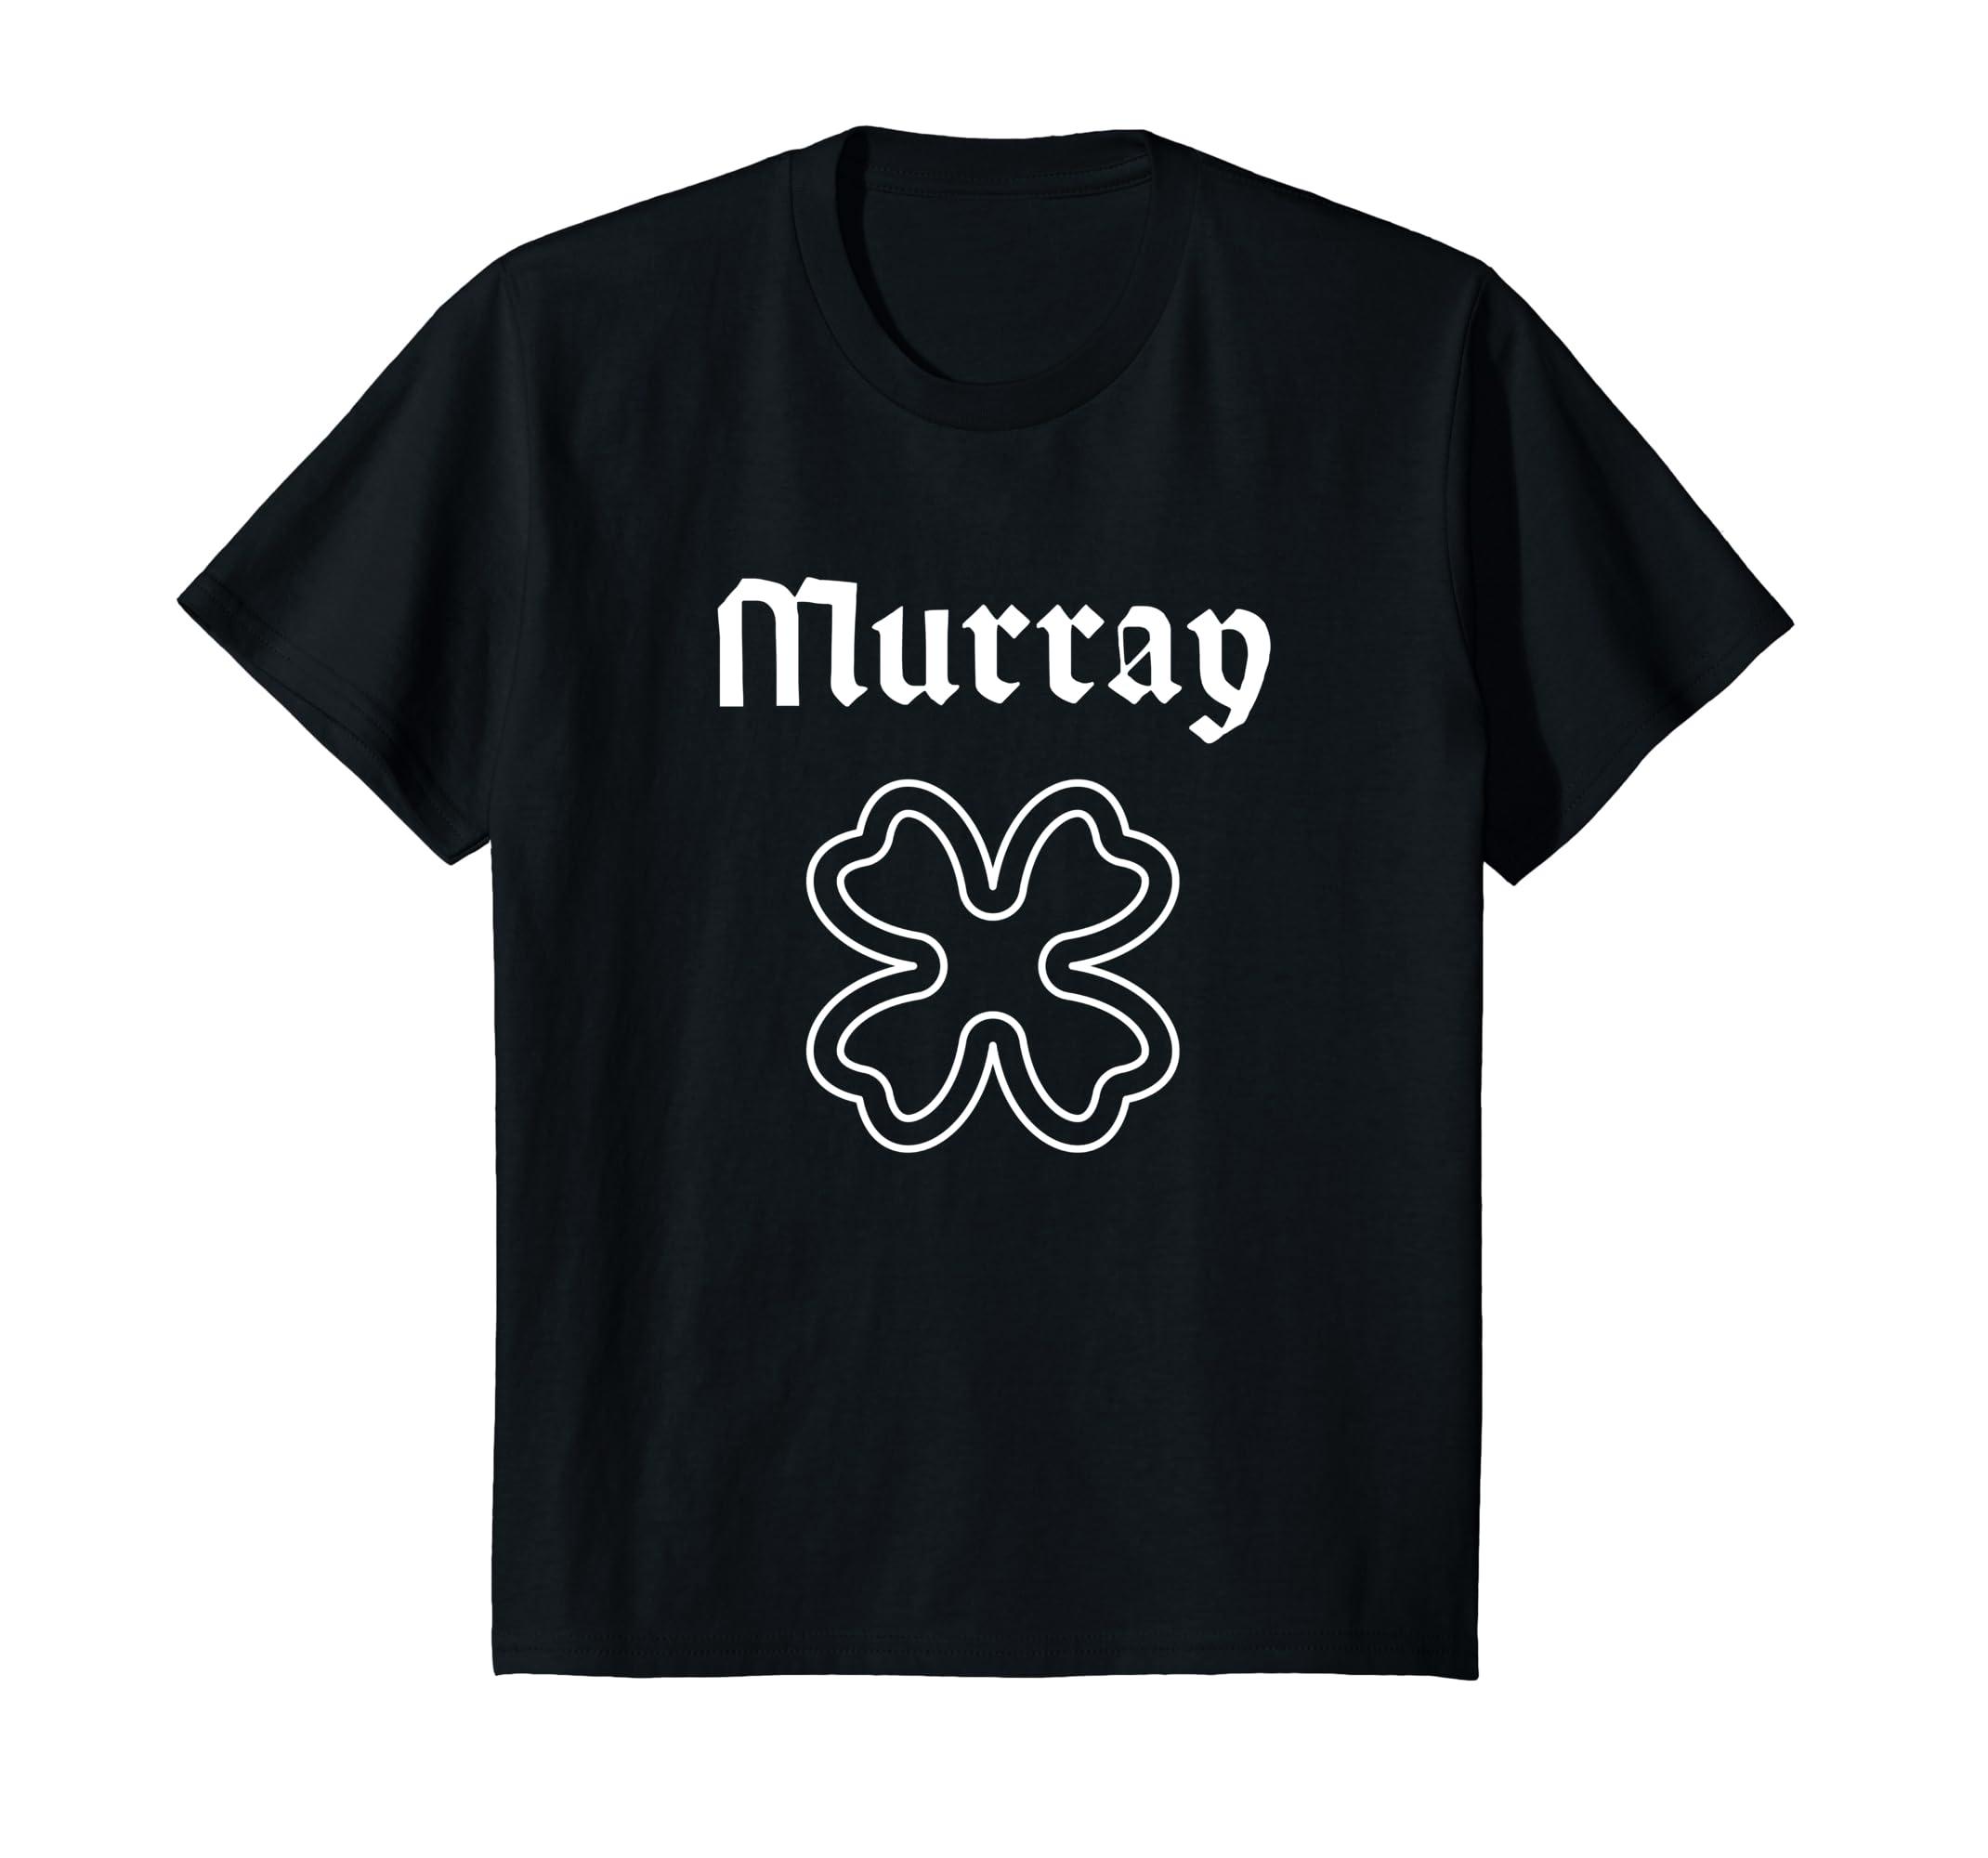 Murray Irish Surname Shamrock T Shirt